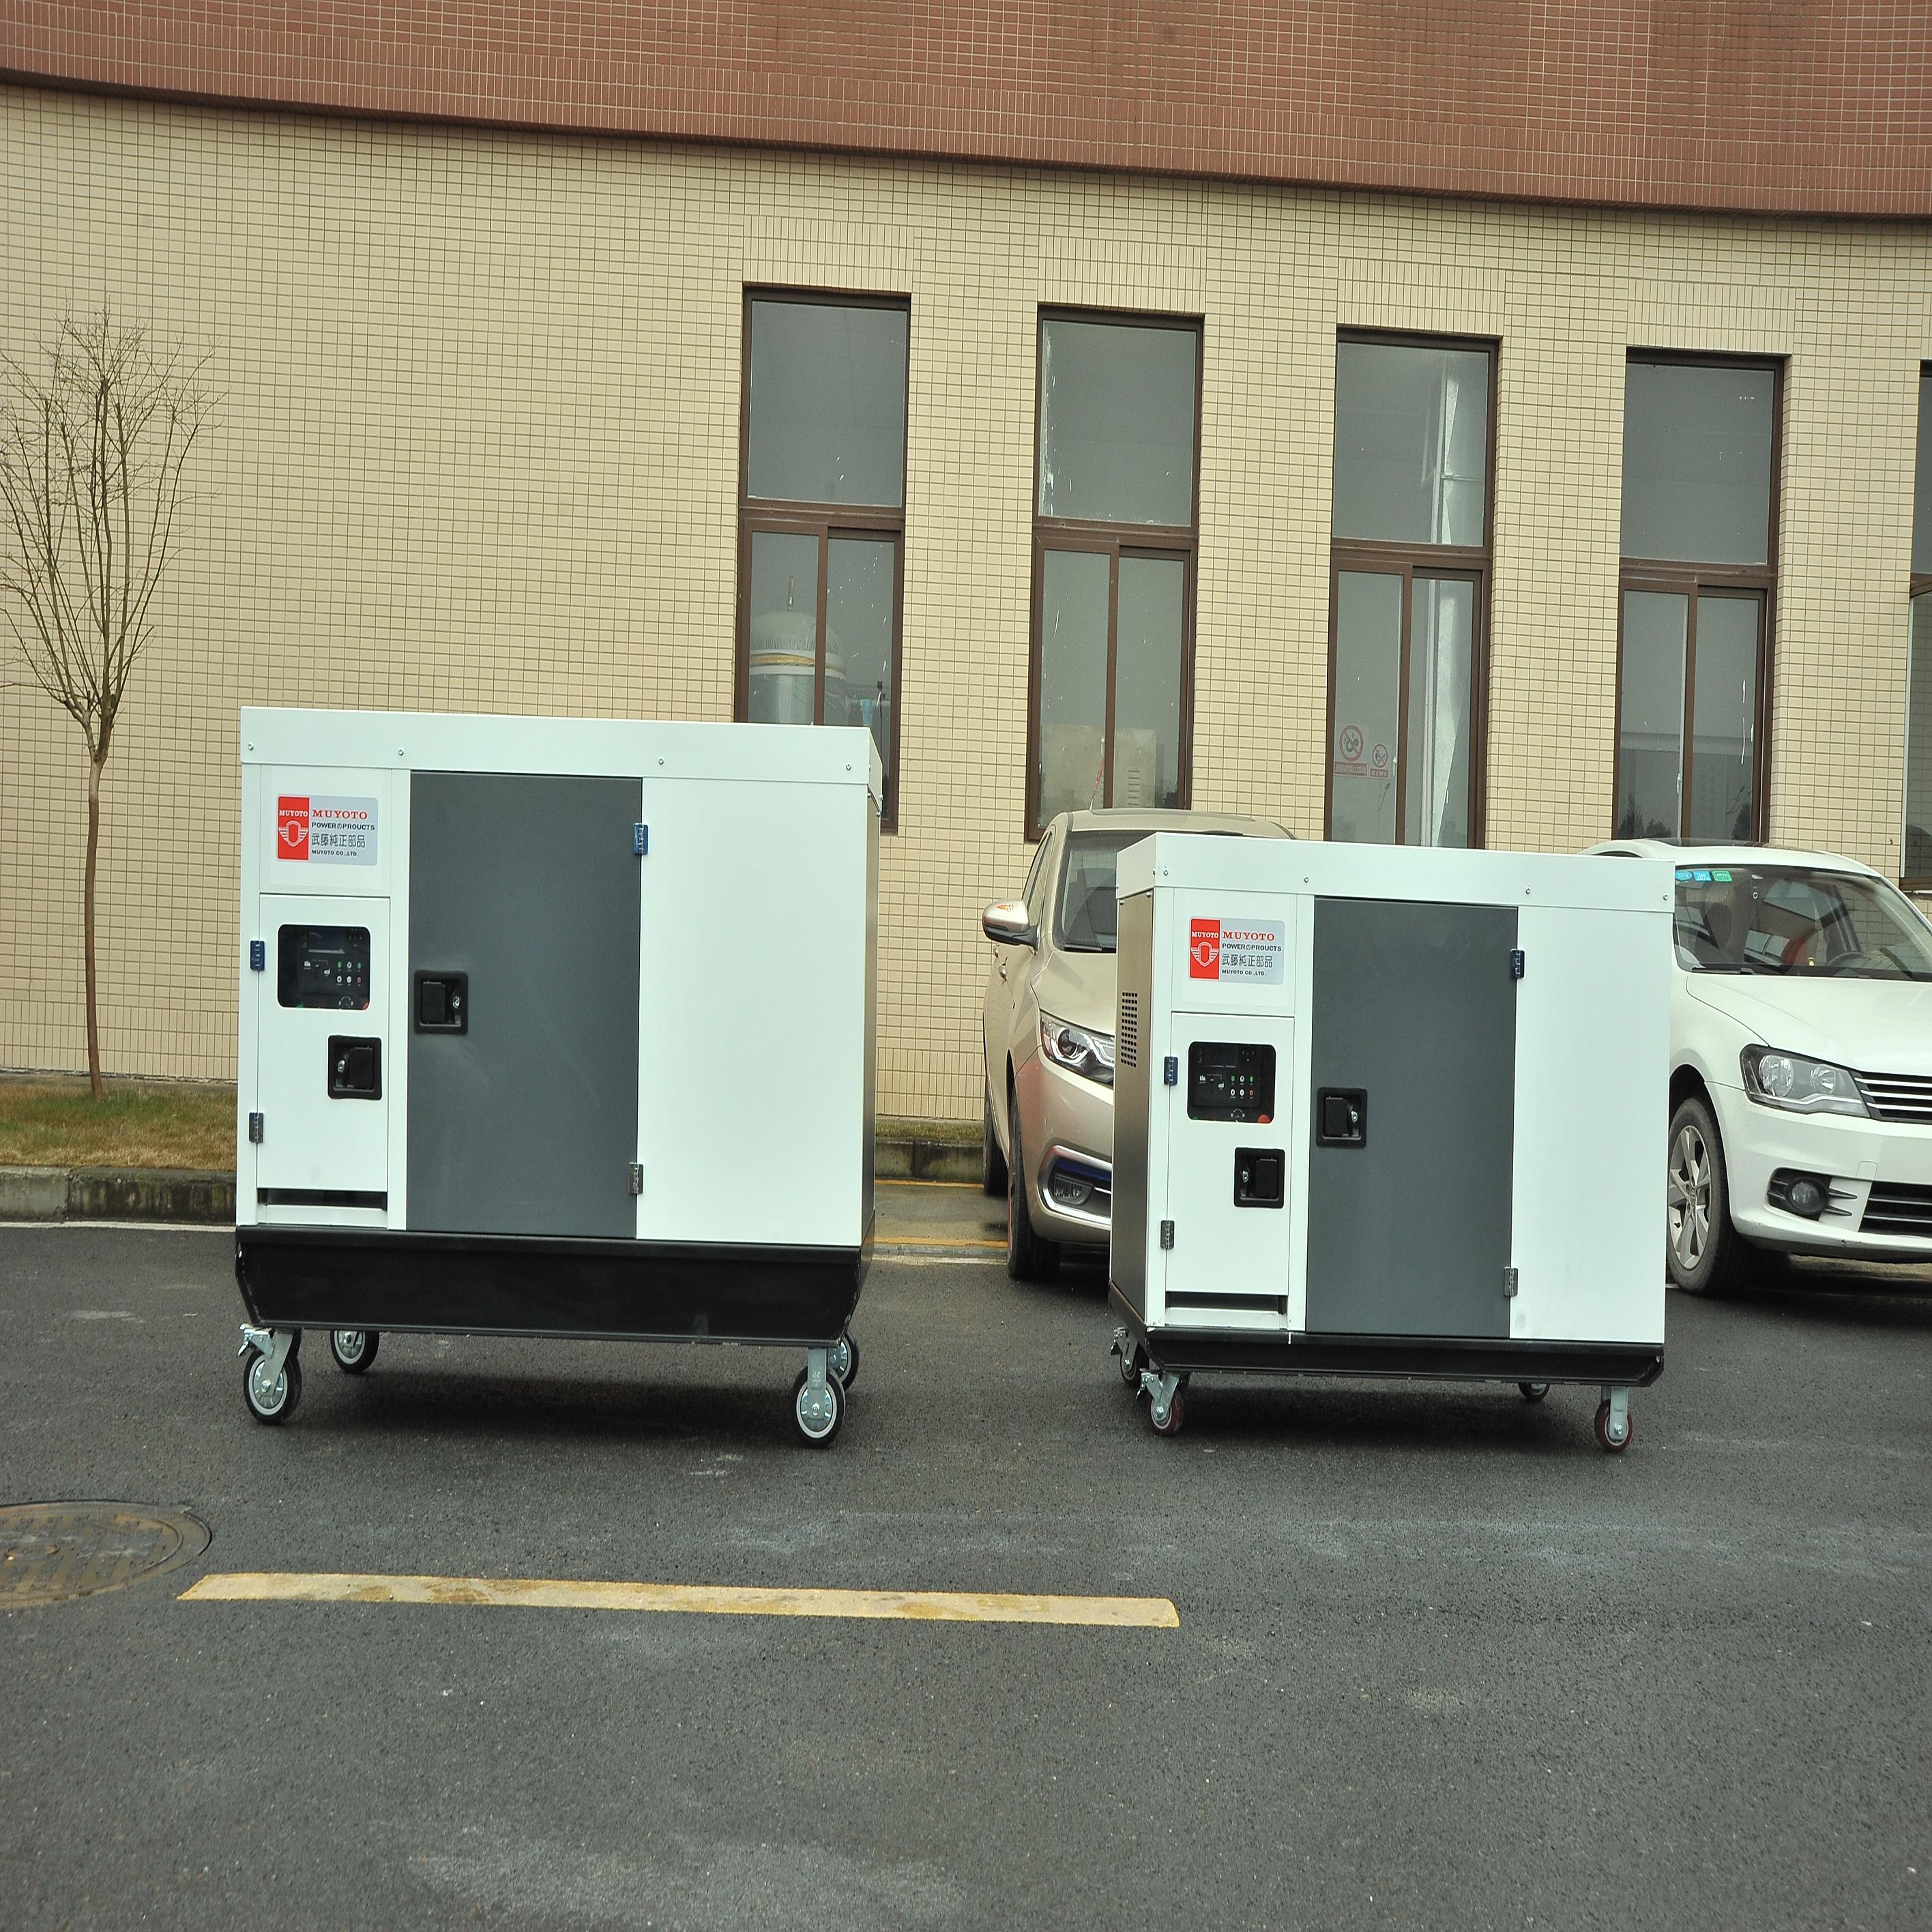 8.5千瓦汽油发电机怎样 汽油发电机 汽油怎样